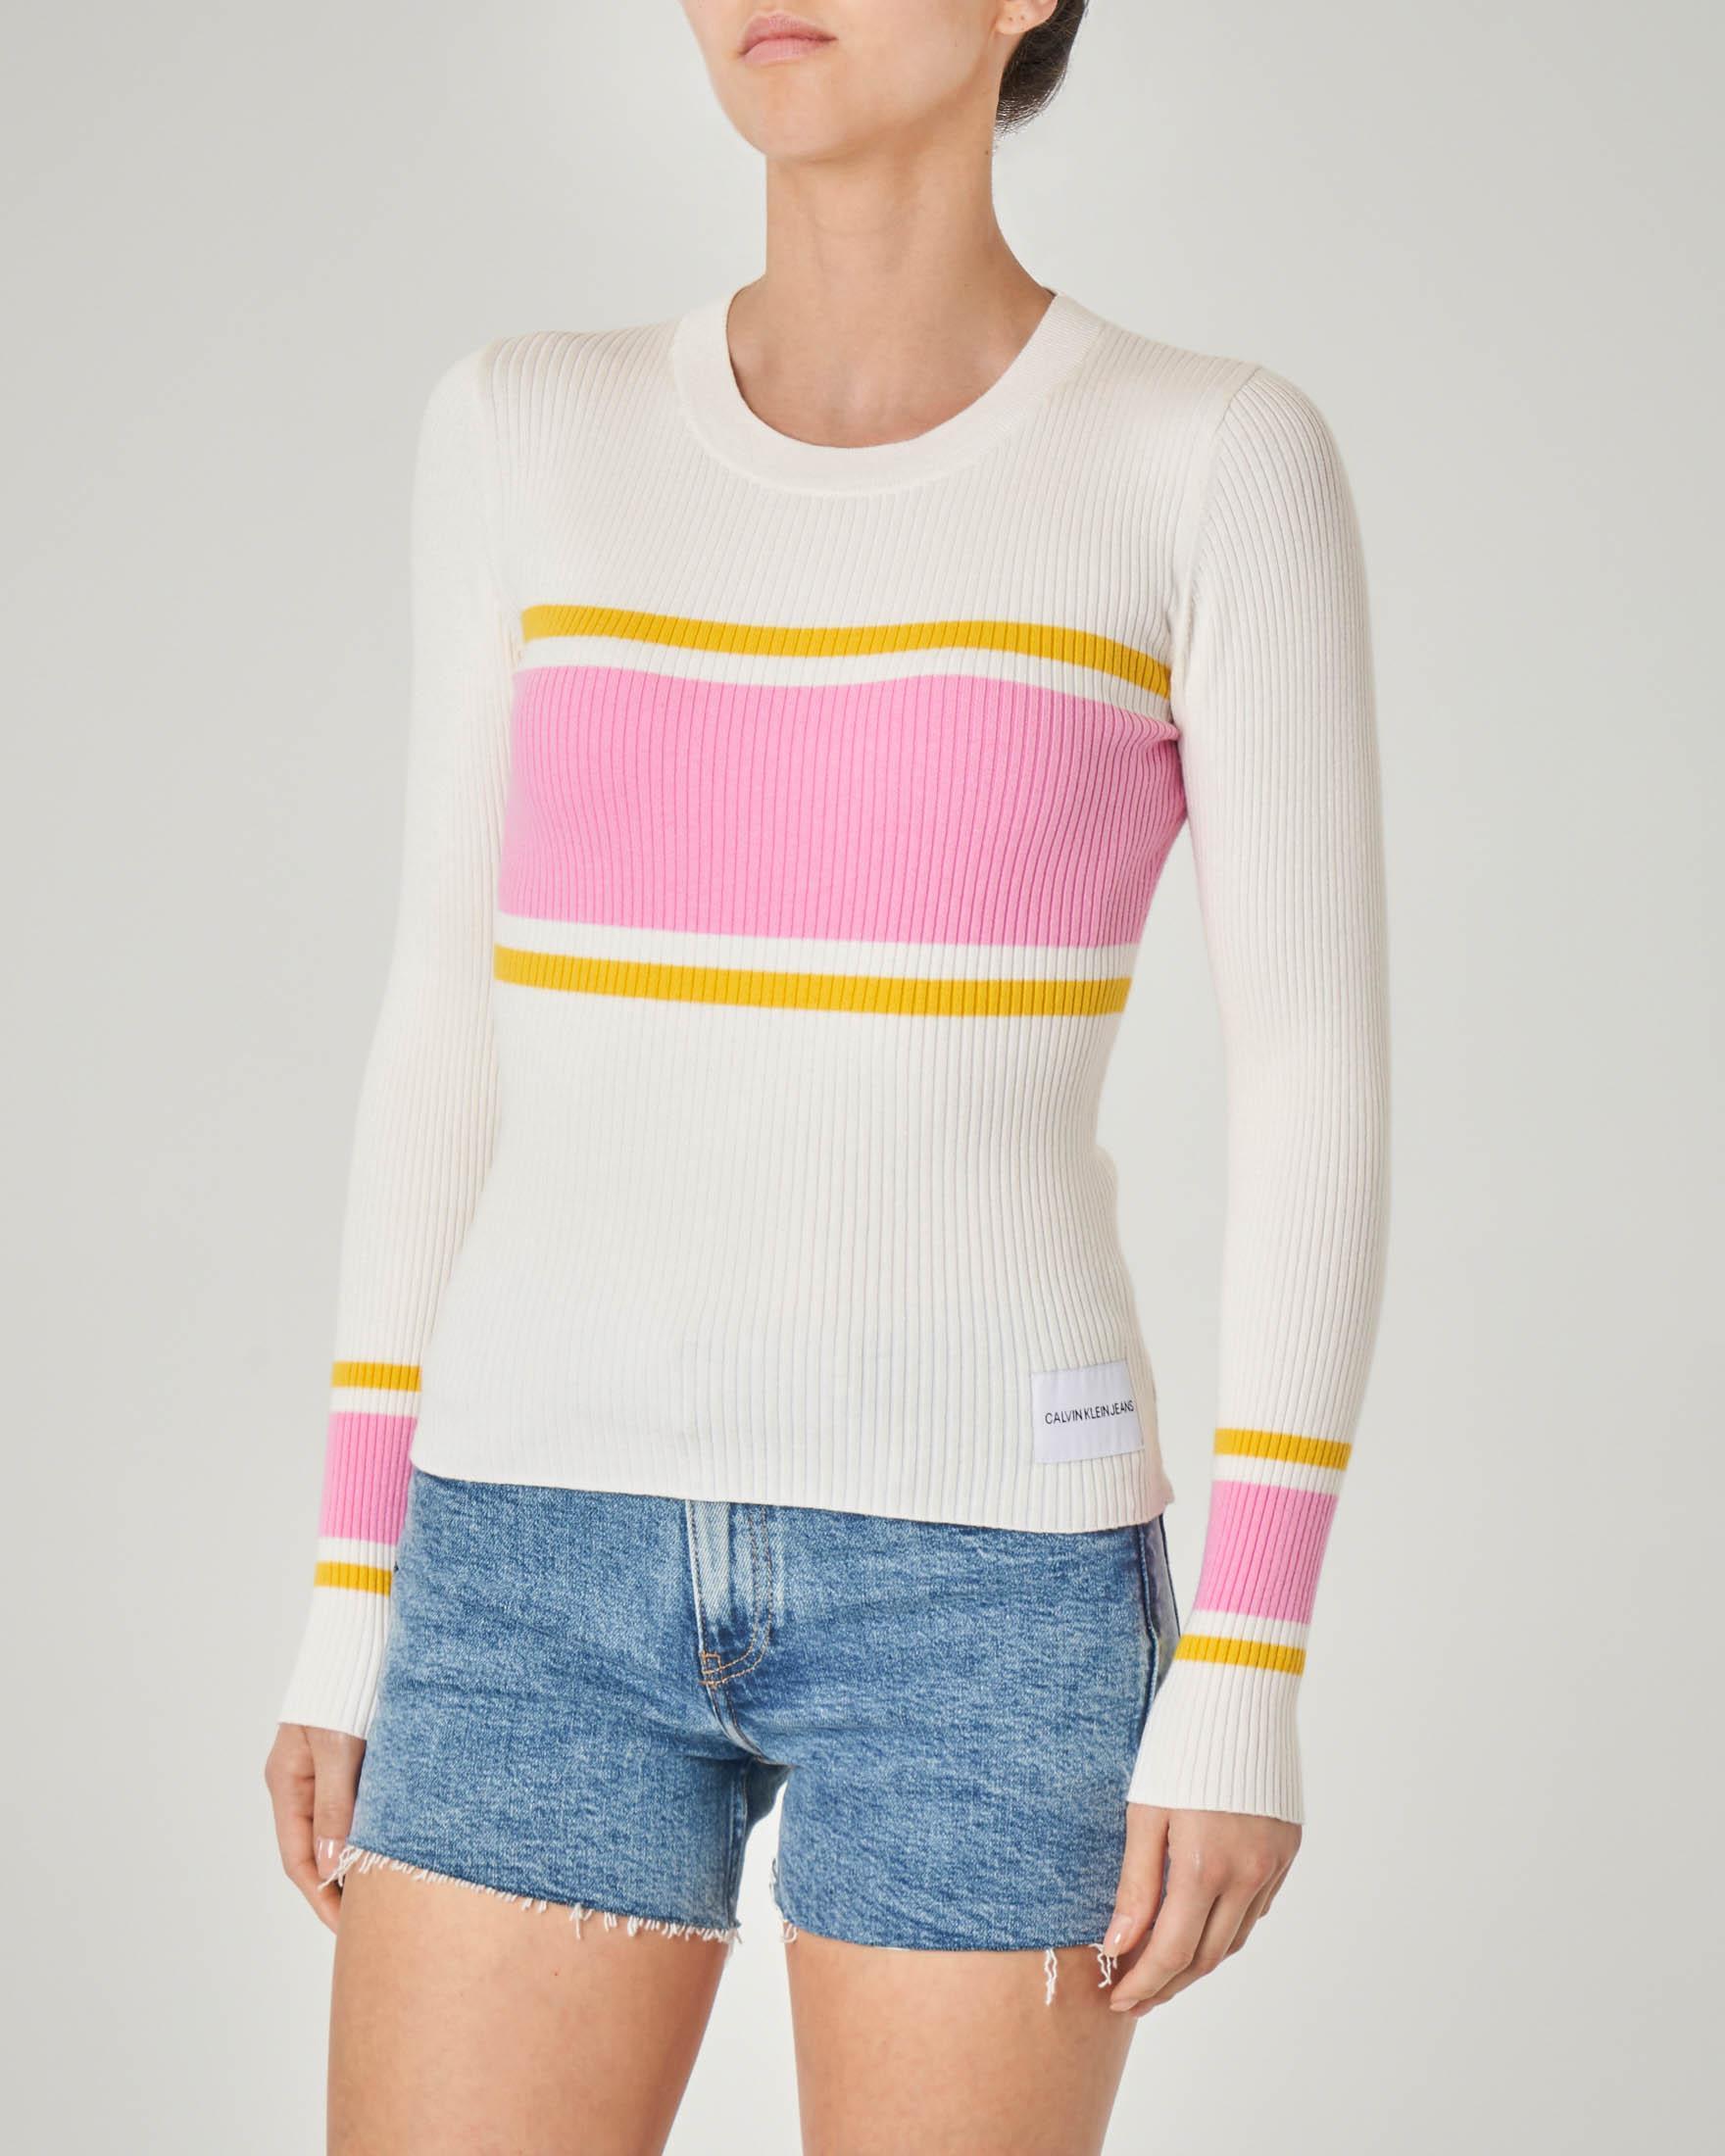 Maglia bianca maniche lunghe a costine e a righe rosa e gialle